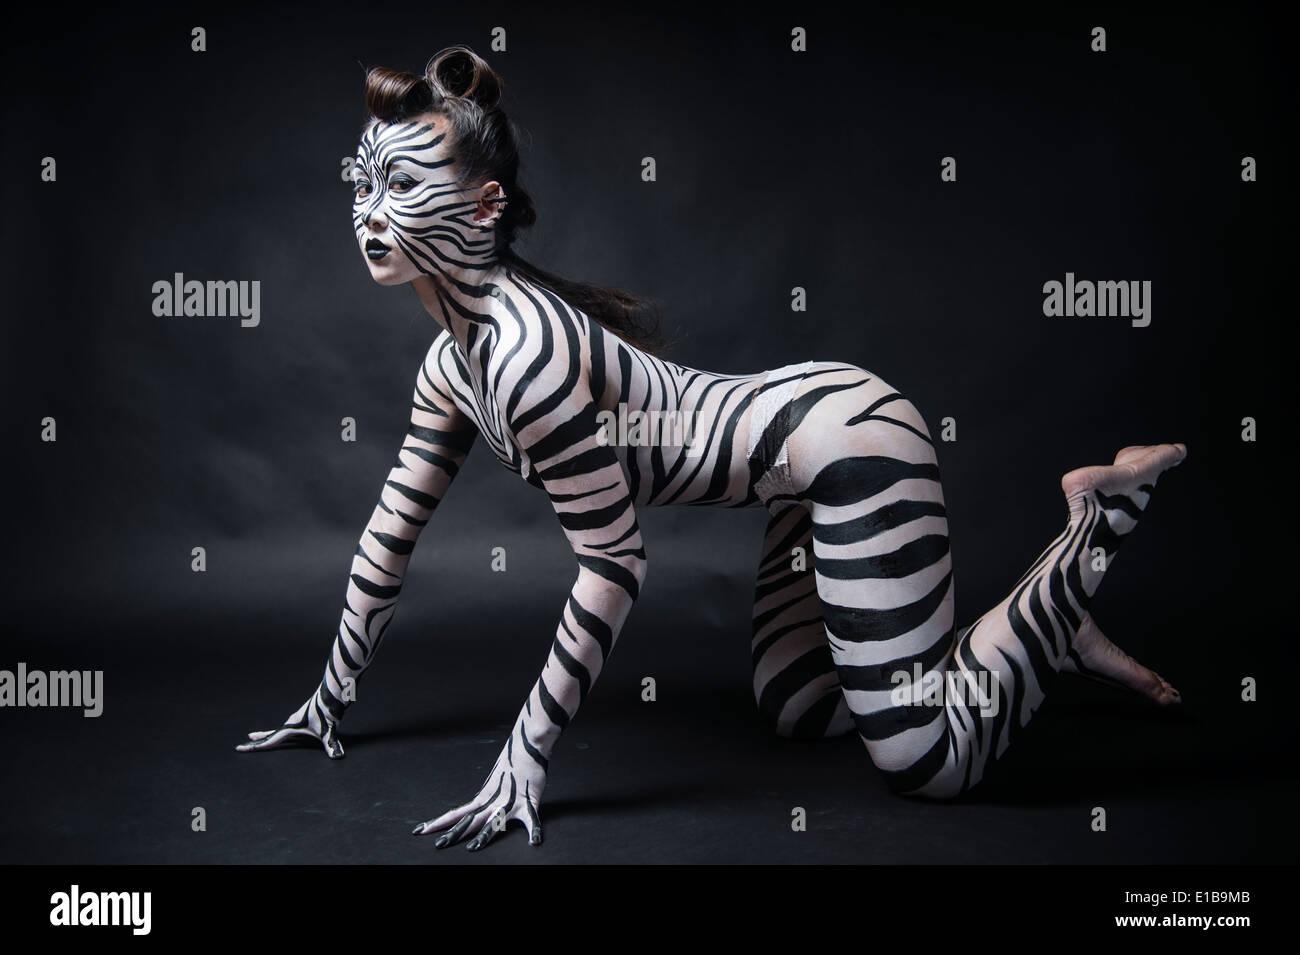 Una mujer con su cuerpo pintado en blanco y negro rayas de cebra sobre sus manos y rodillas como un animal Imagen De Stock